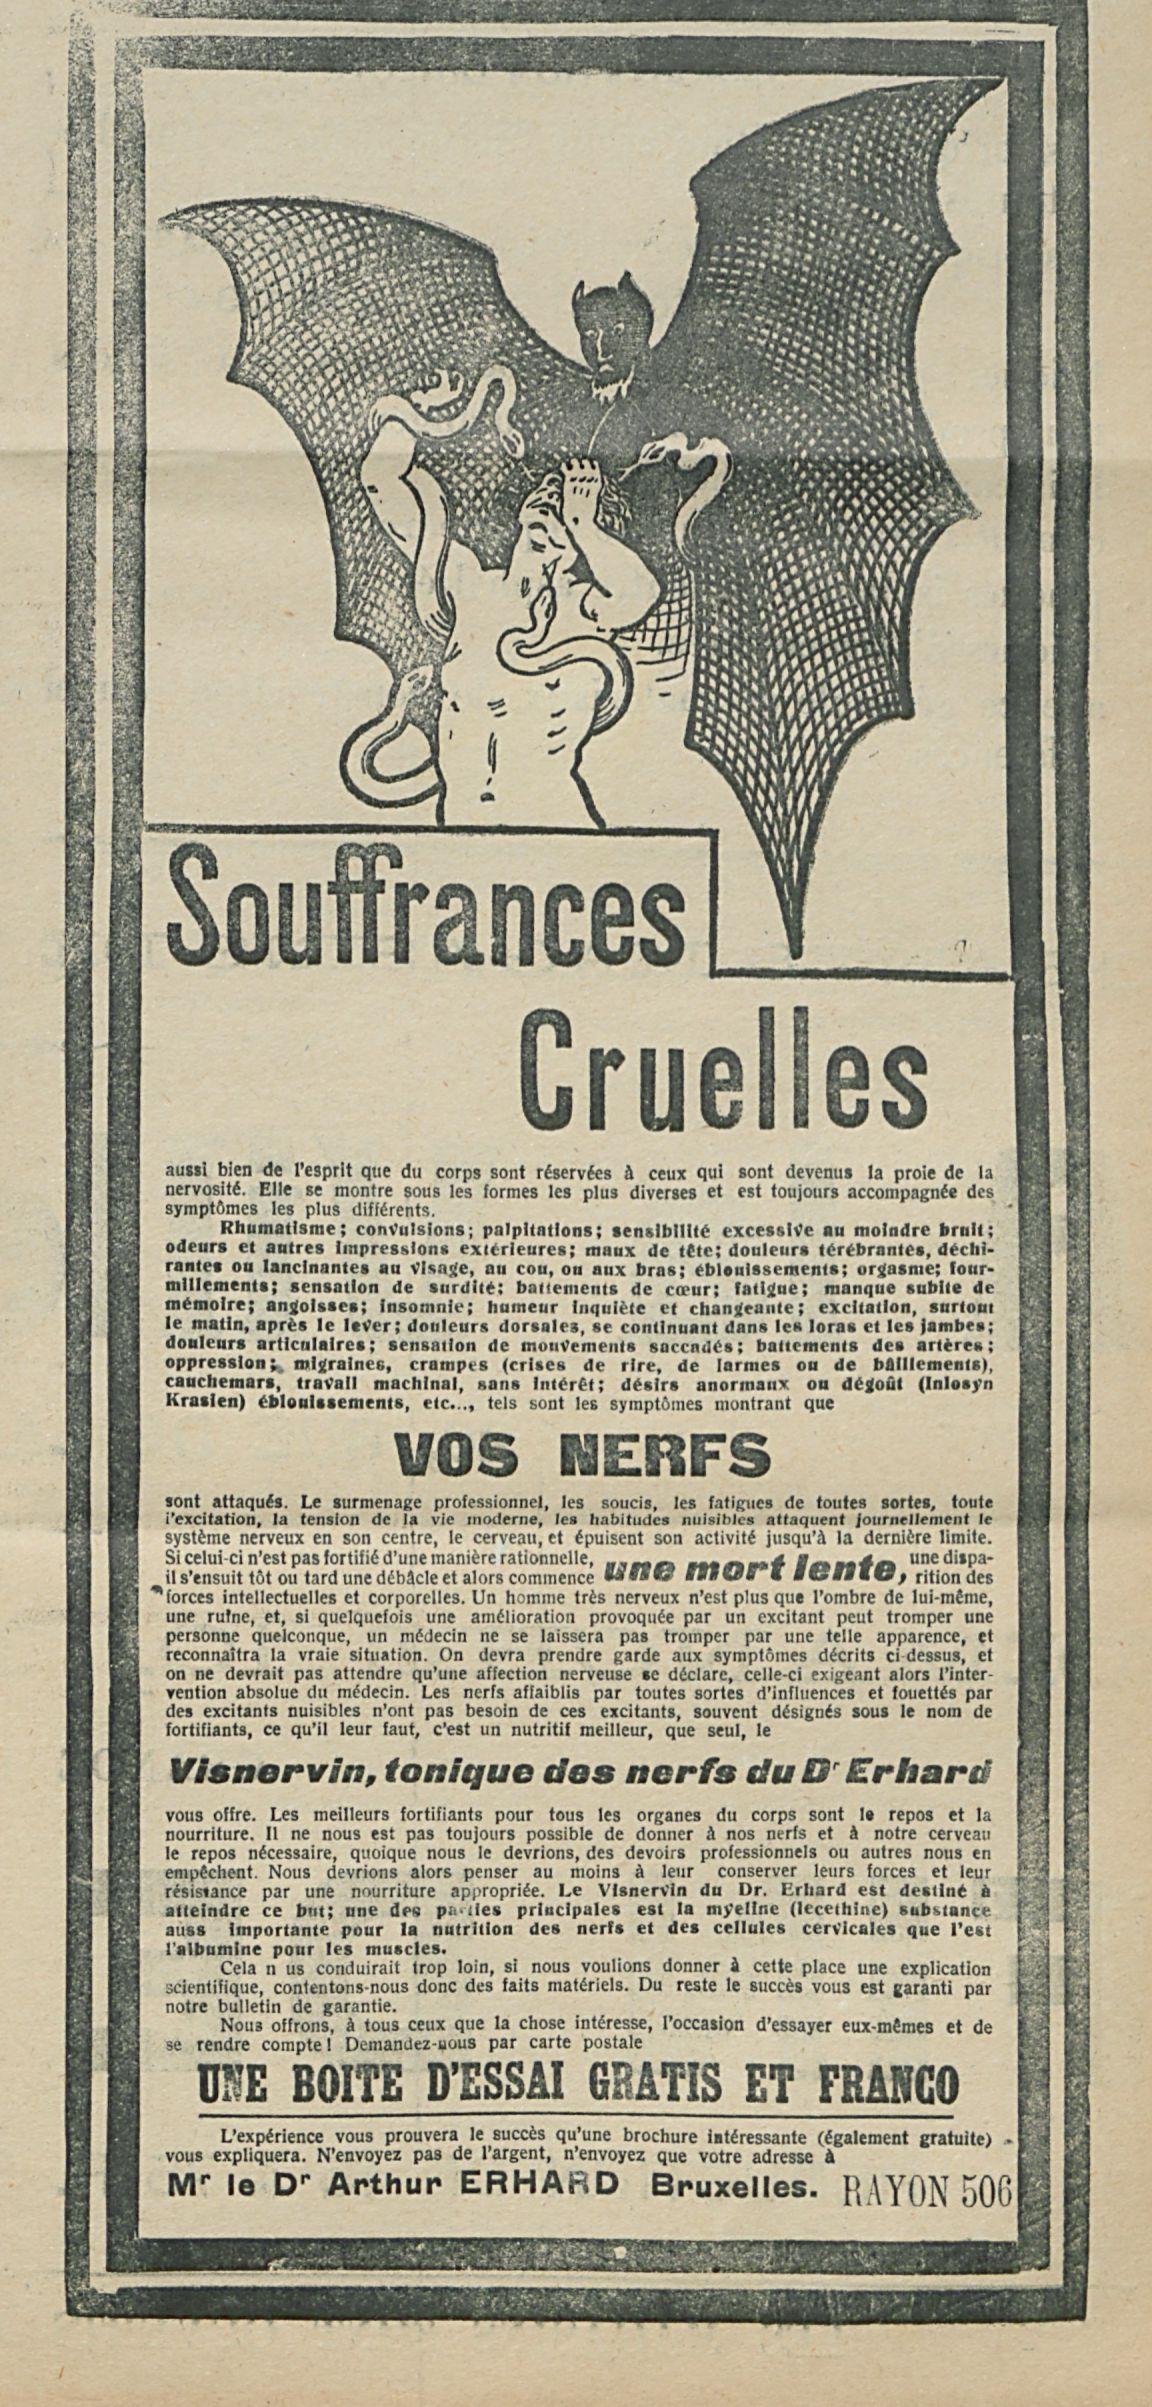 Soffrances Cruelles